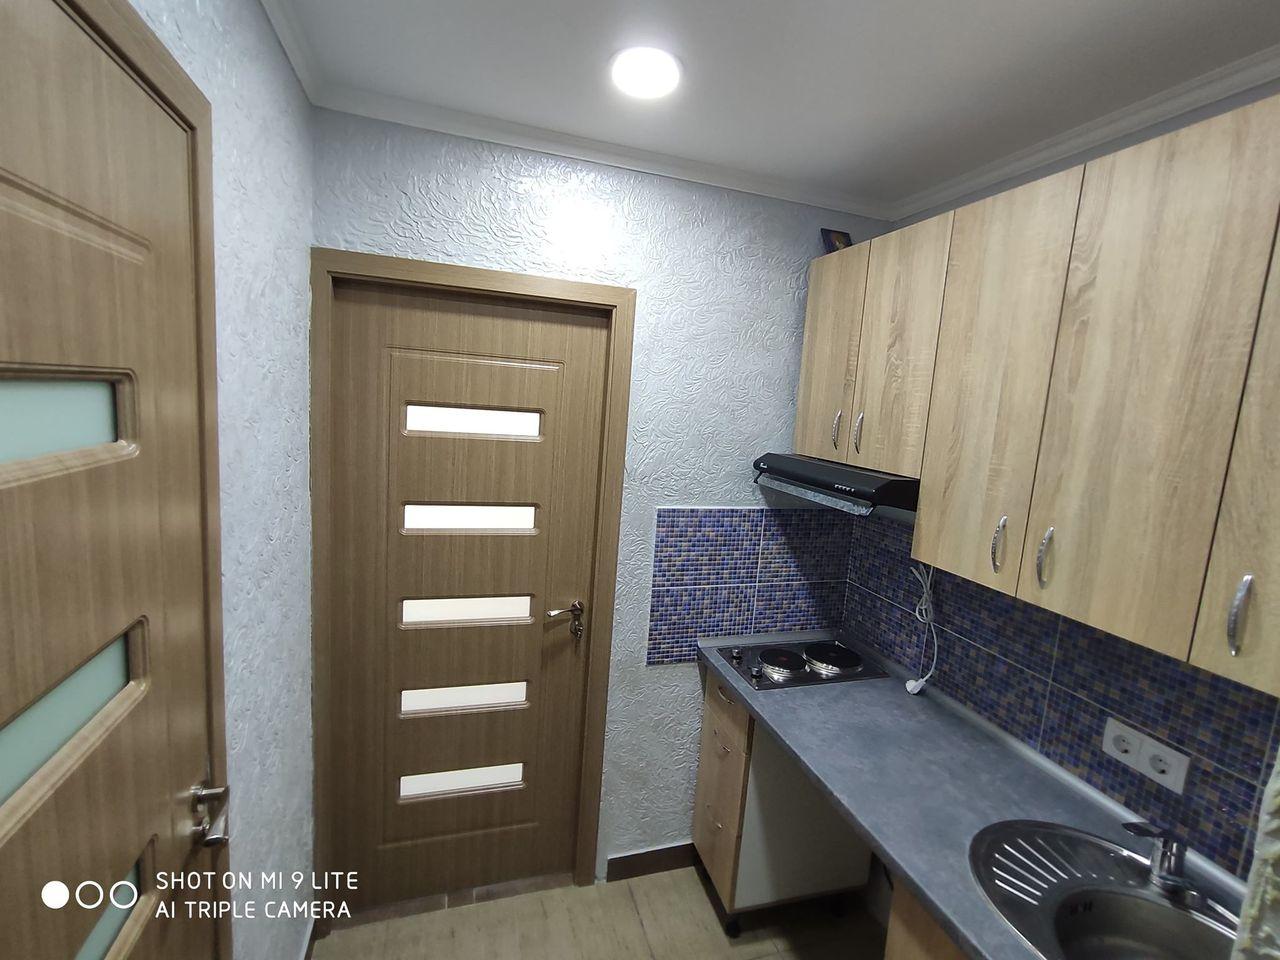 Cameră cu WC, baie, bucătărie,balcon Totul NOU Ciocana 15 200 Euro